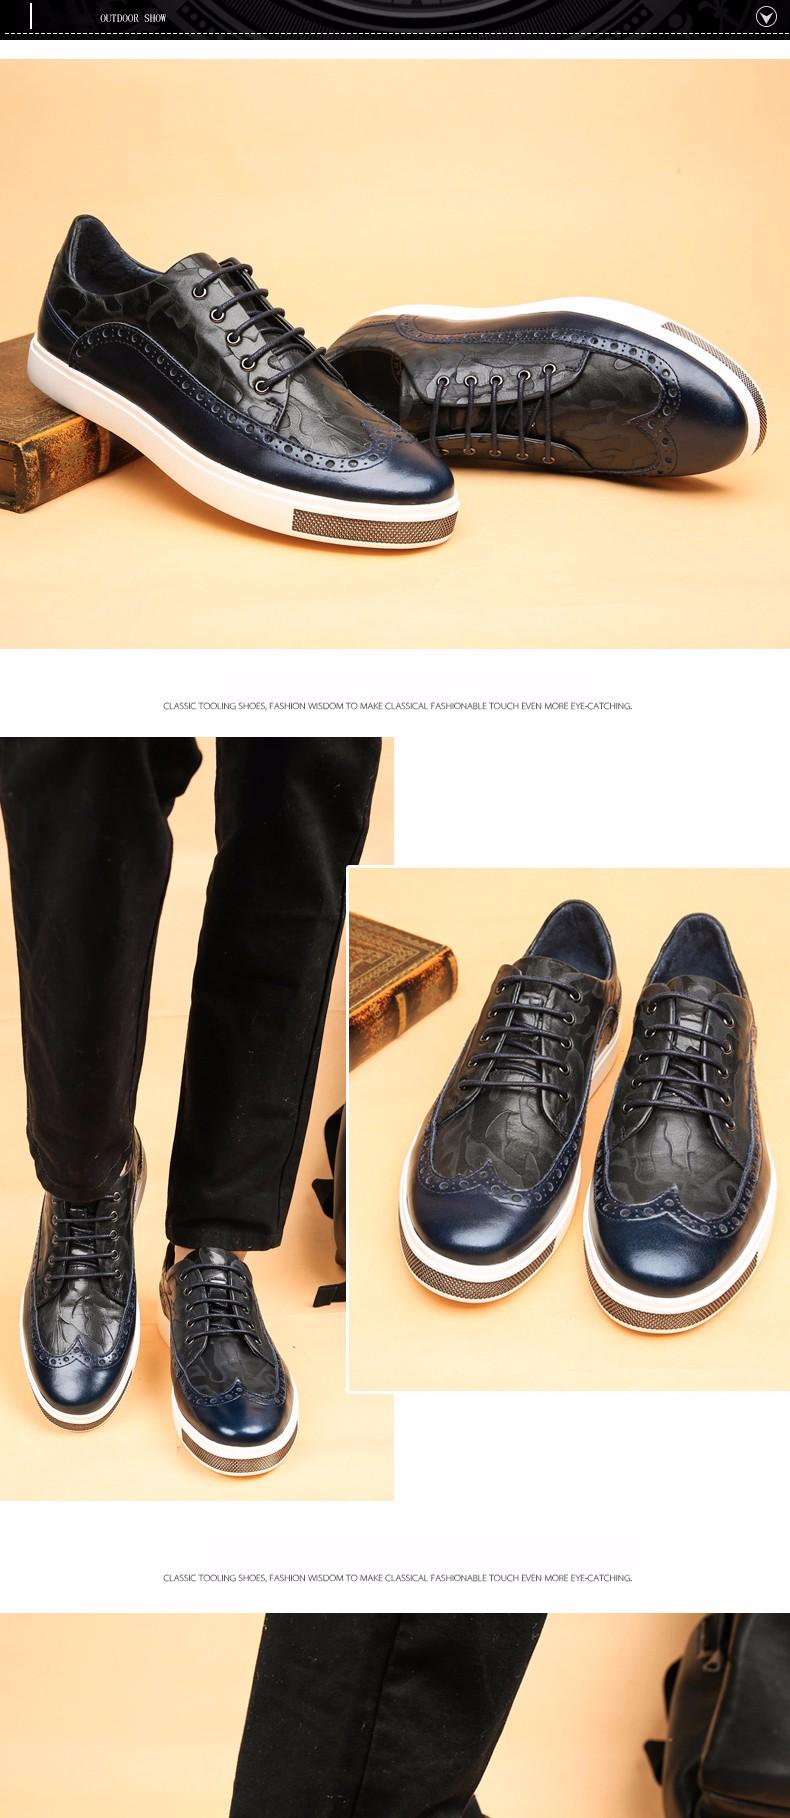 Г-н Мир Новая Мода Англия Стиль Натуральная Кожа Мужчины Обувь, 2016 Весна Кожа Мужчины Обувь, высокое Качество Обувь Для Мужчин